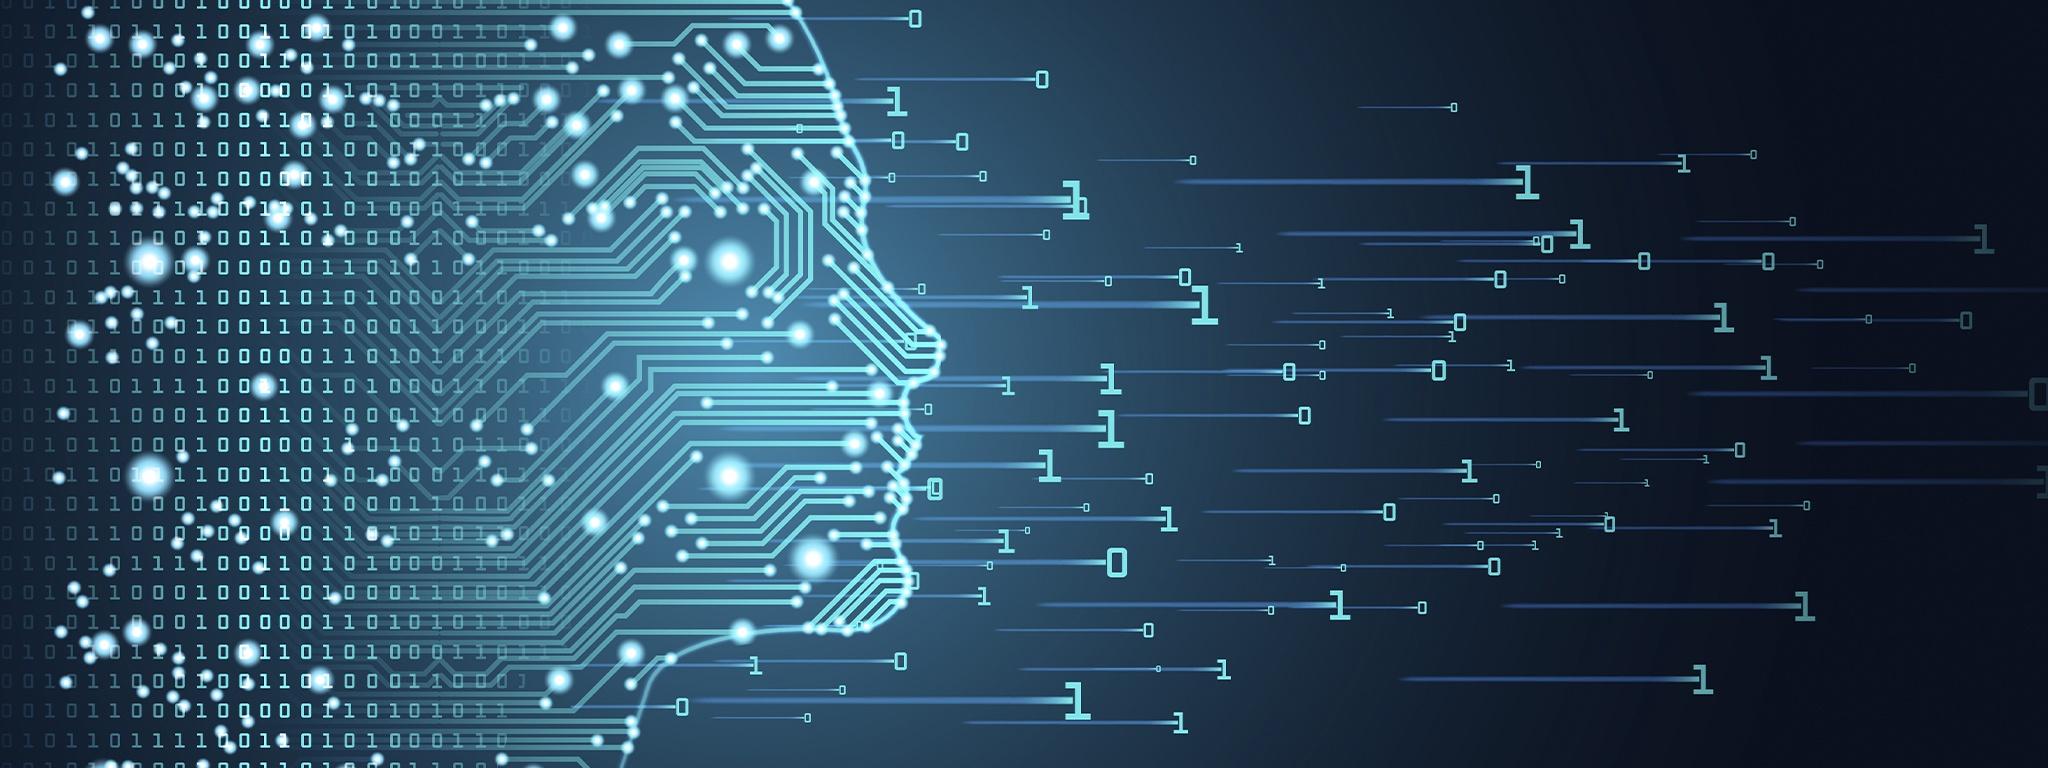 """Zarys twarzy sztucznej inteligencji z płytką drukowaną i """"przepływem"""" danych kodu binarnego na niebieskim tle"""